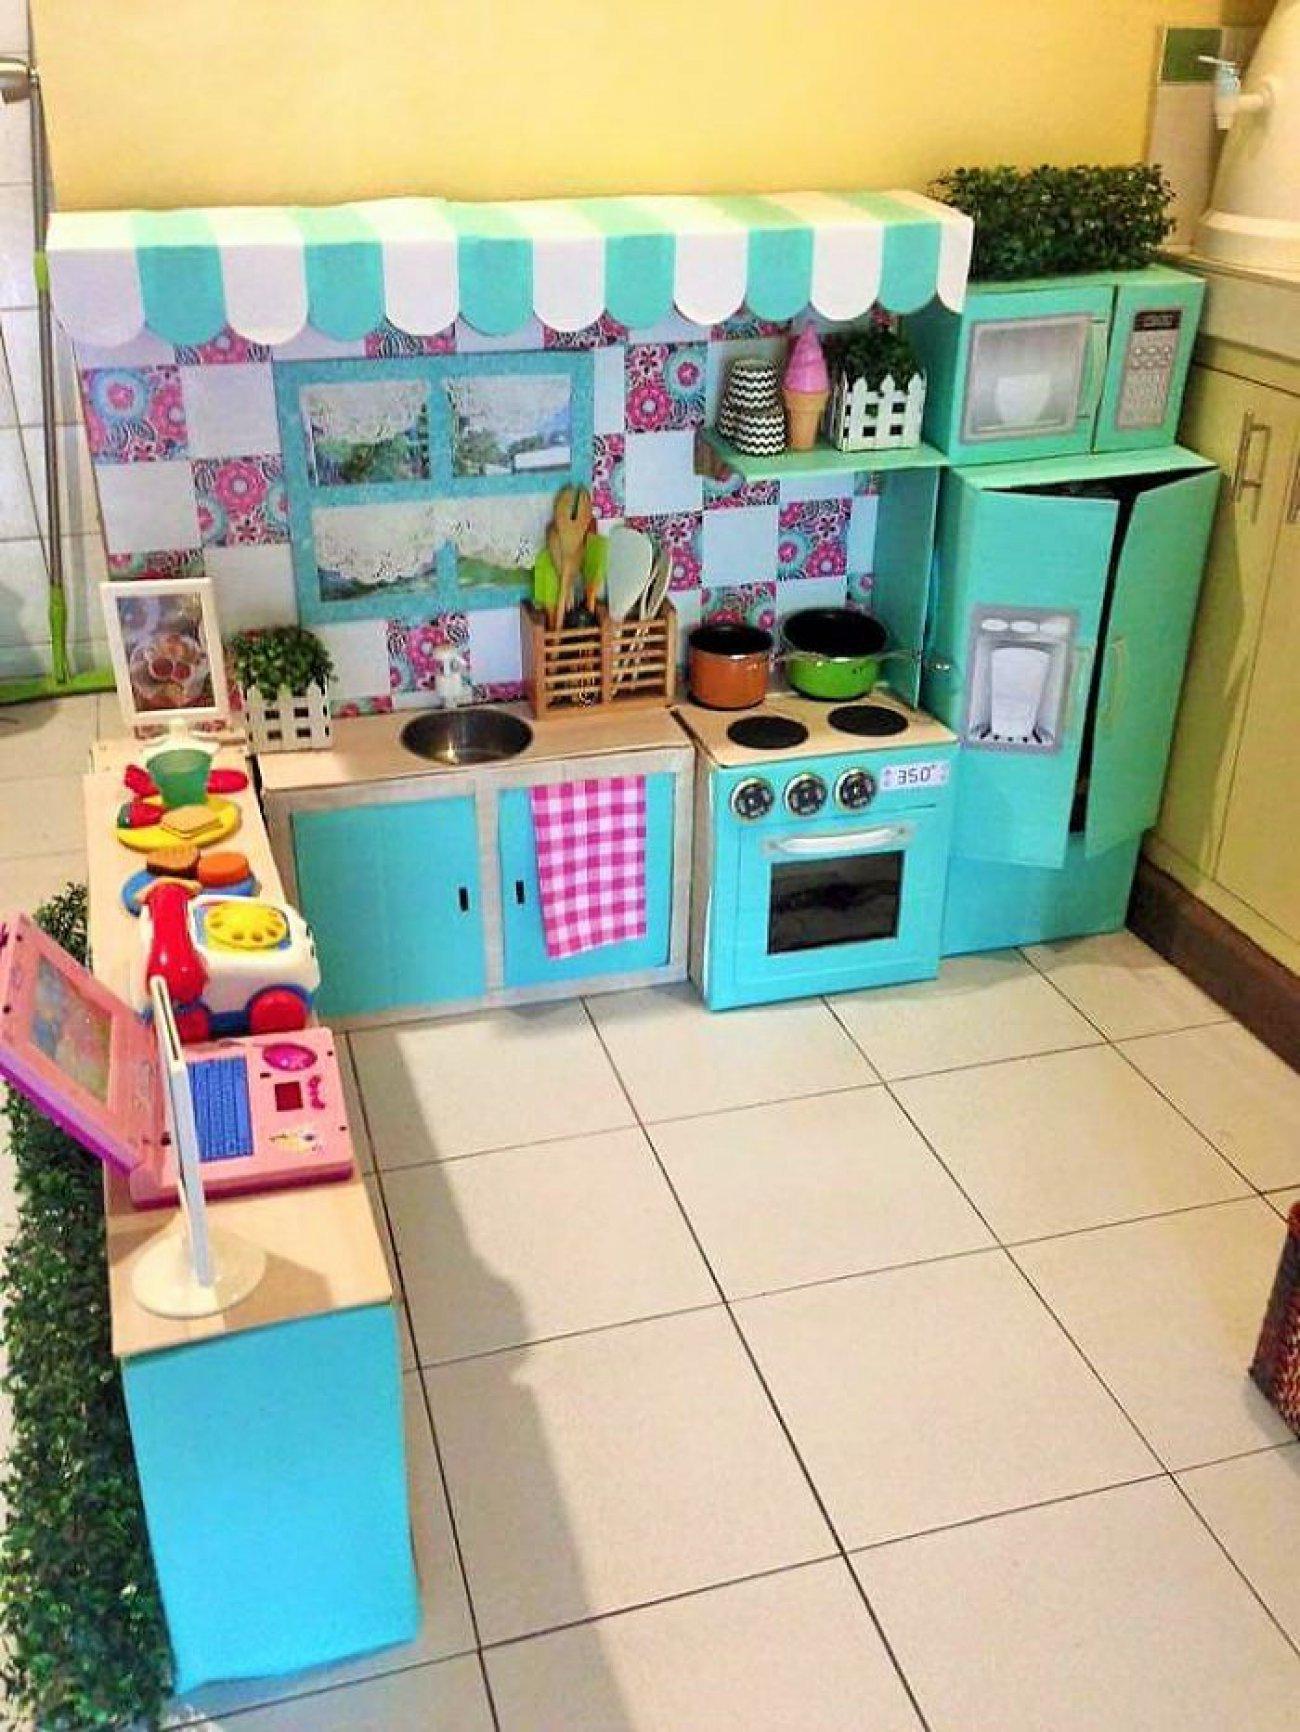 Mam cre una mini cocina con cajas de cart n recicladas - Cajas para cocina ...